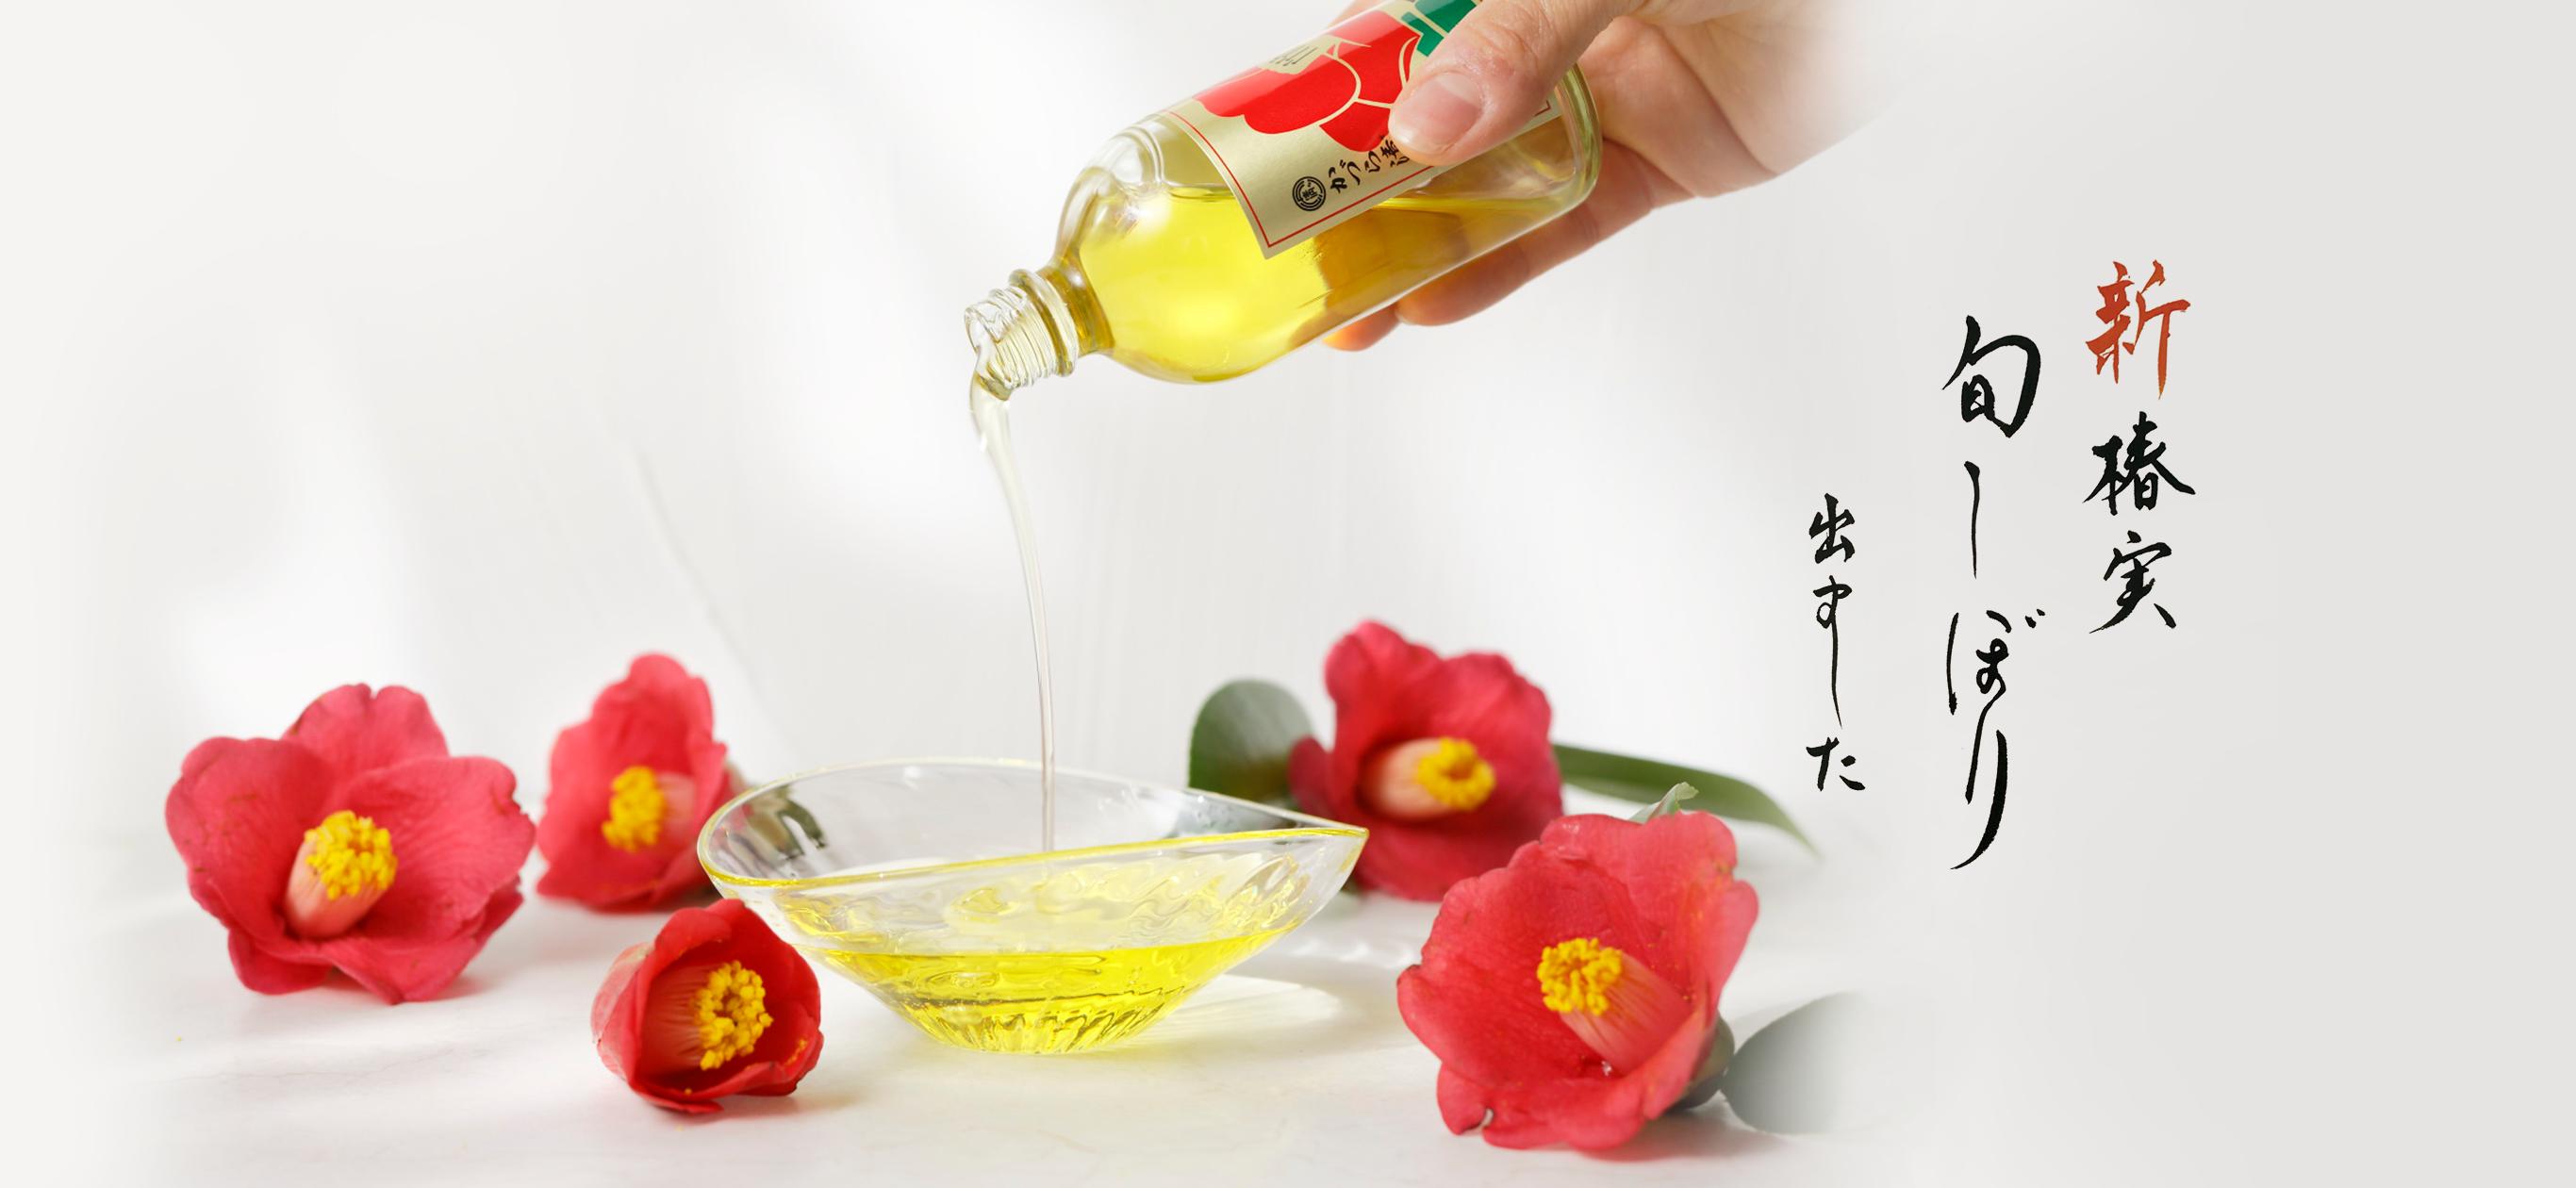 旬搾り 特製つばき油 五島特産